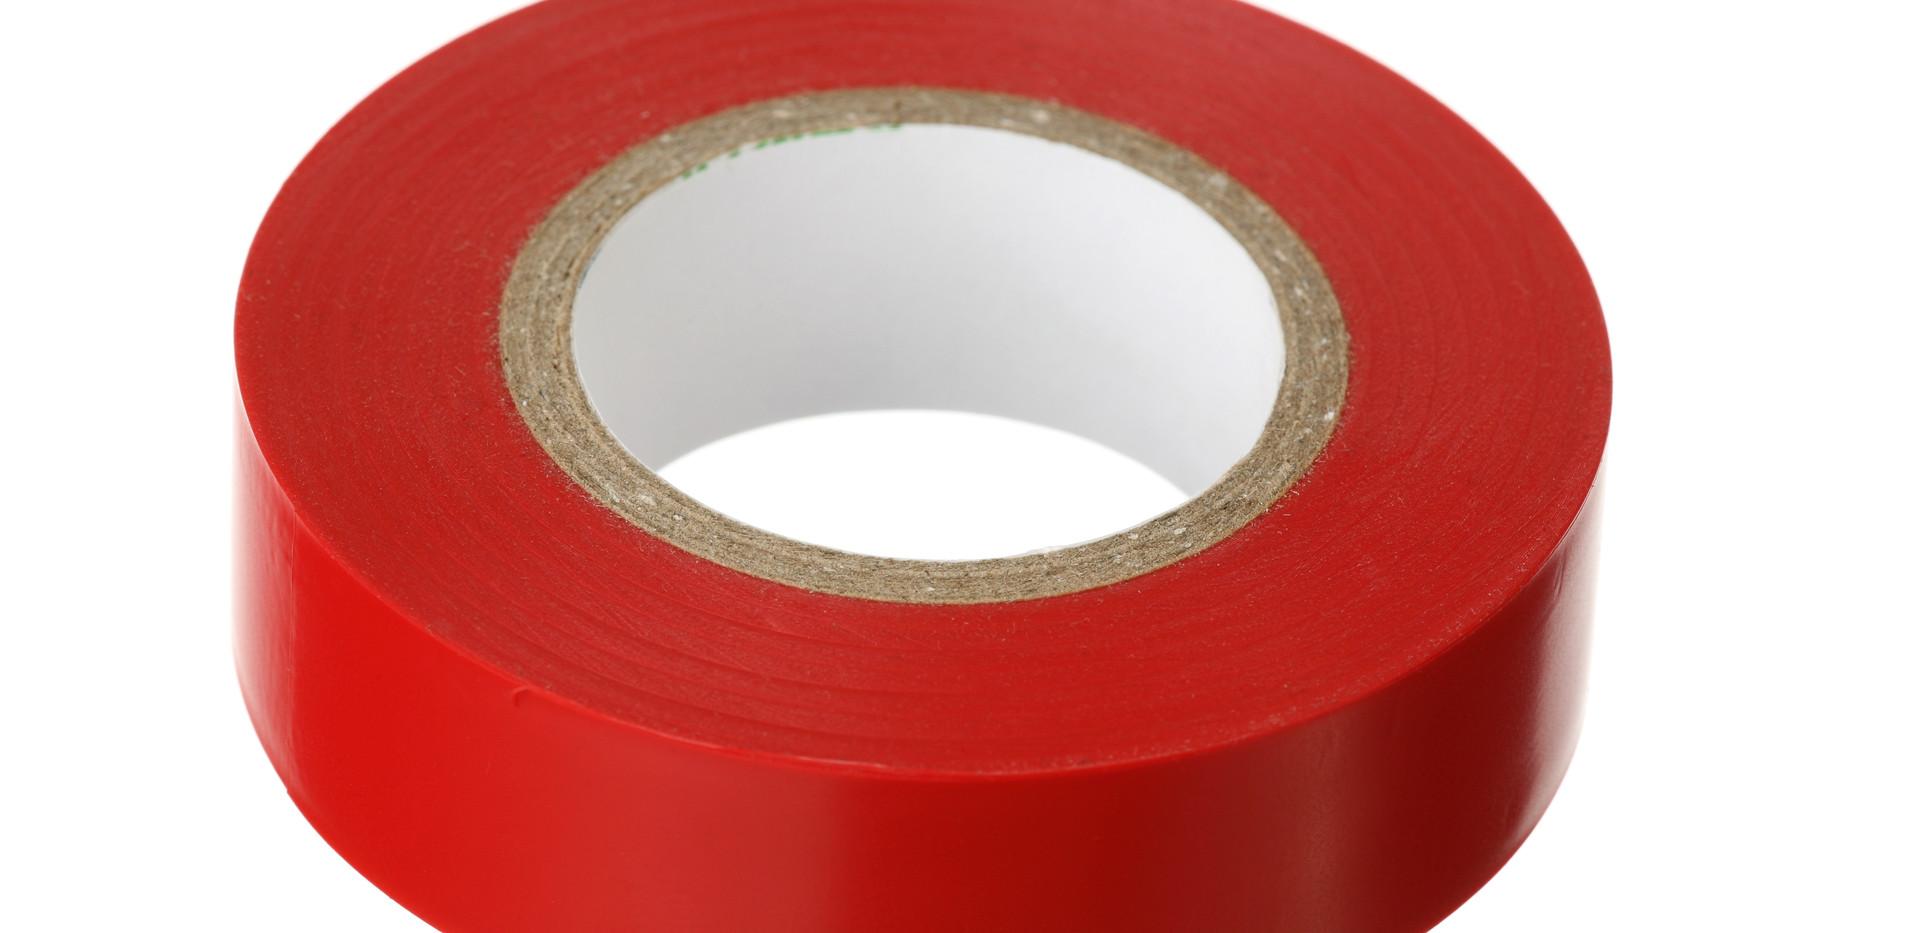 Red adhesive insulating tape.jpg